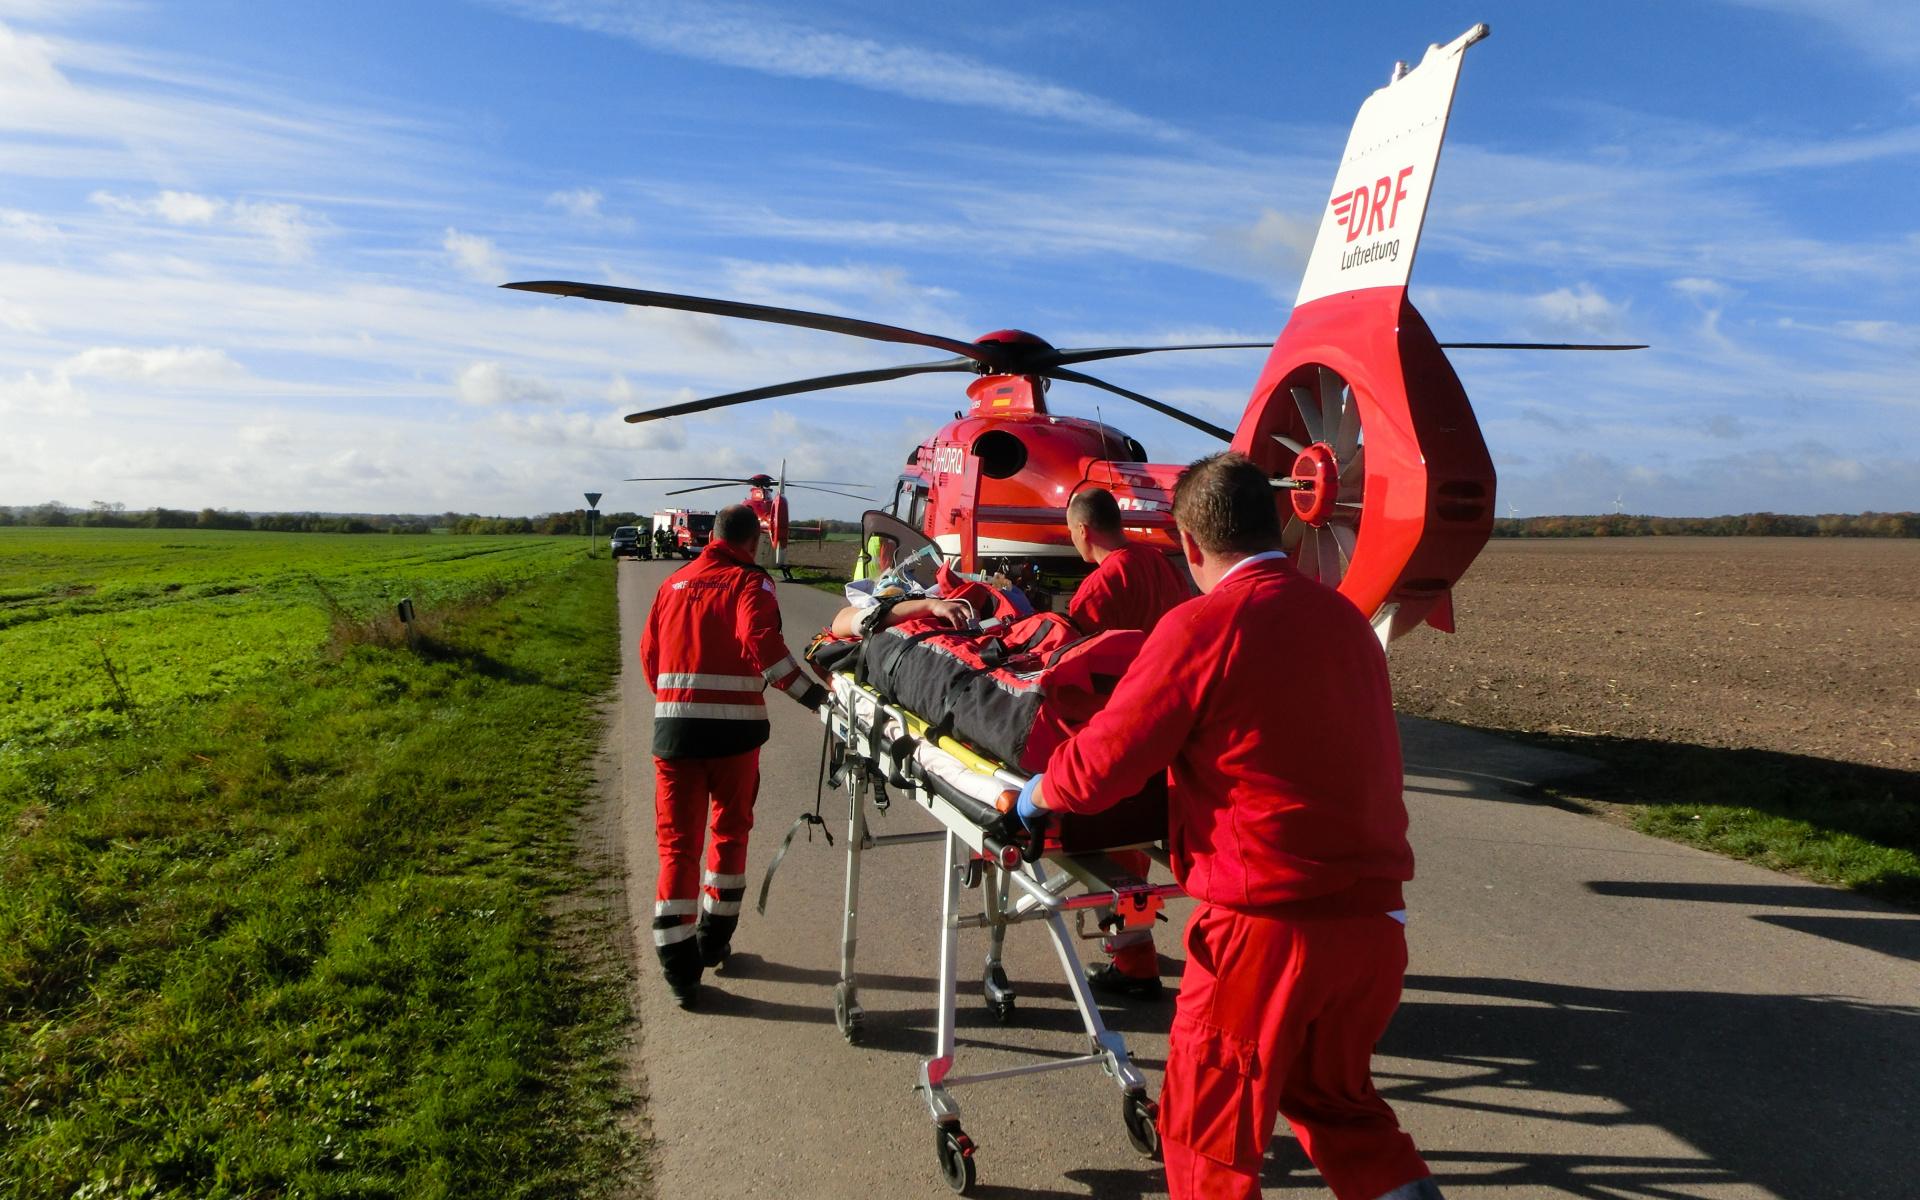 Wie werden die Luftretter gerufen? Geht bei der Leitstelle ein Notruf ein, fällt die Entscheidung, ob ein/e Notärzt*in vor Ort benötigt wird. Wenn ja, alarmiert die/der Disponent*in das Rettungsmittel, das diese am schnellsten zum Einsatzort bringen kann. Zudem kann der Hubschrauber vom bodengebundenen Rettungsdienst für den schnellen und schonenden Transport der/des Patienten/in nachalarmiert werden.